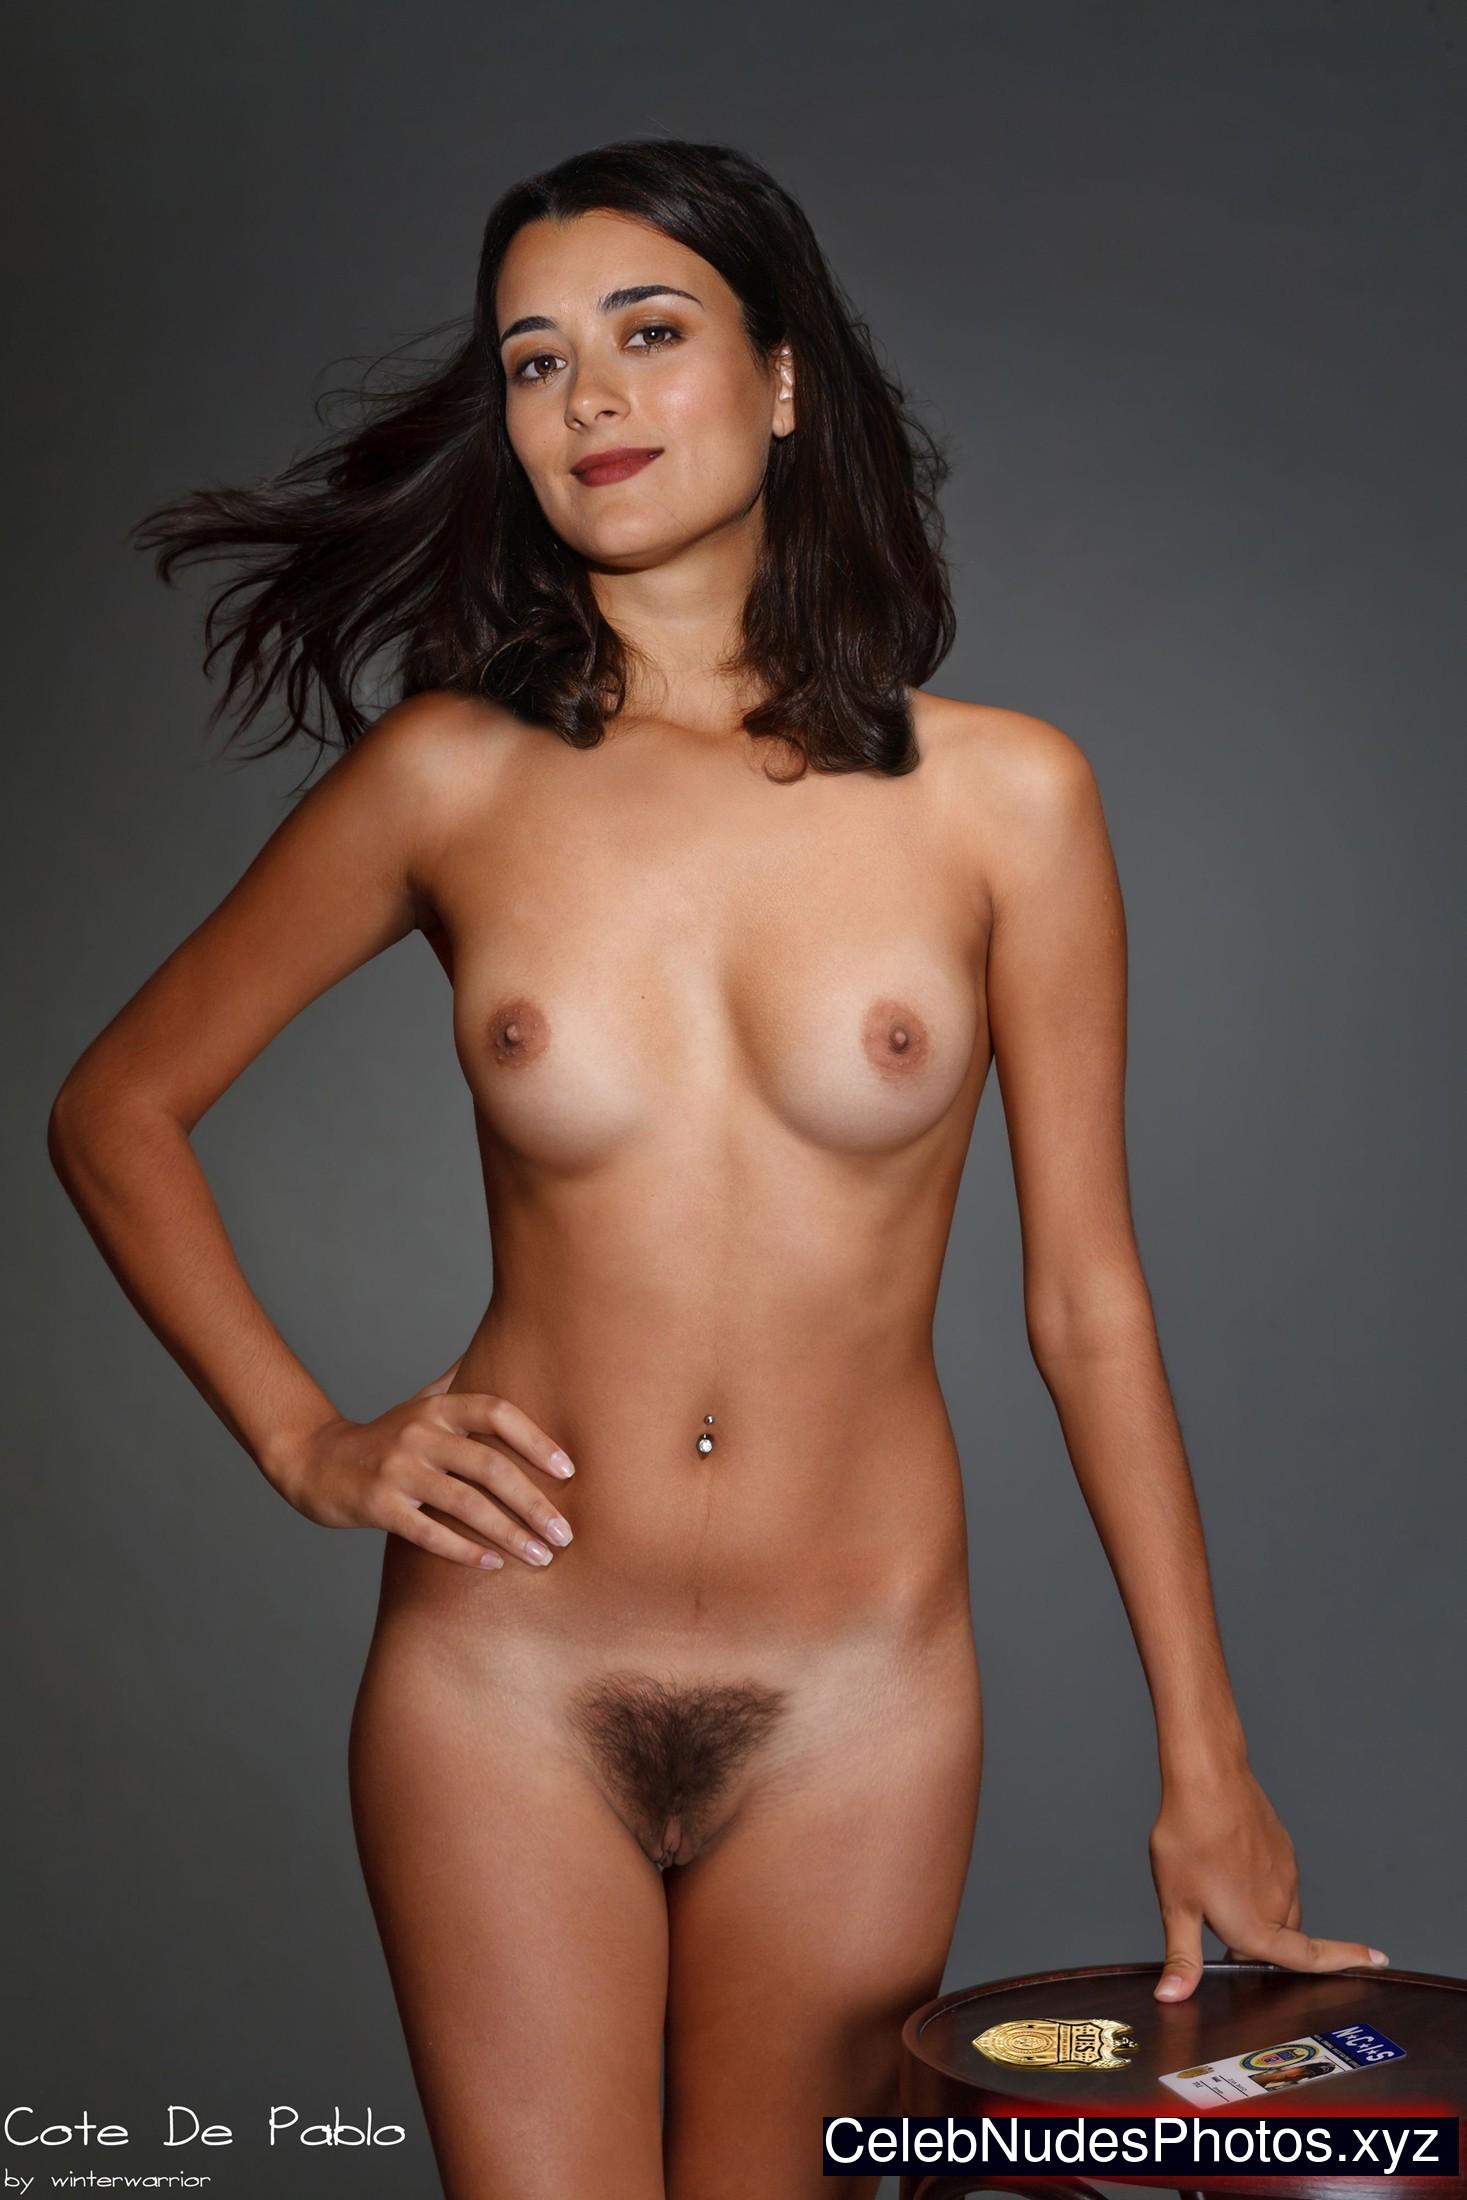 Cote de pablo topless